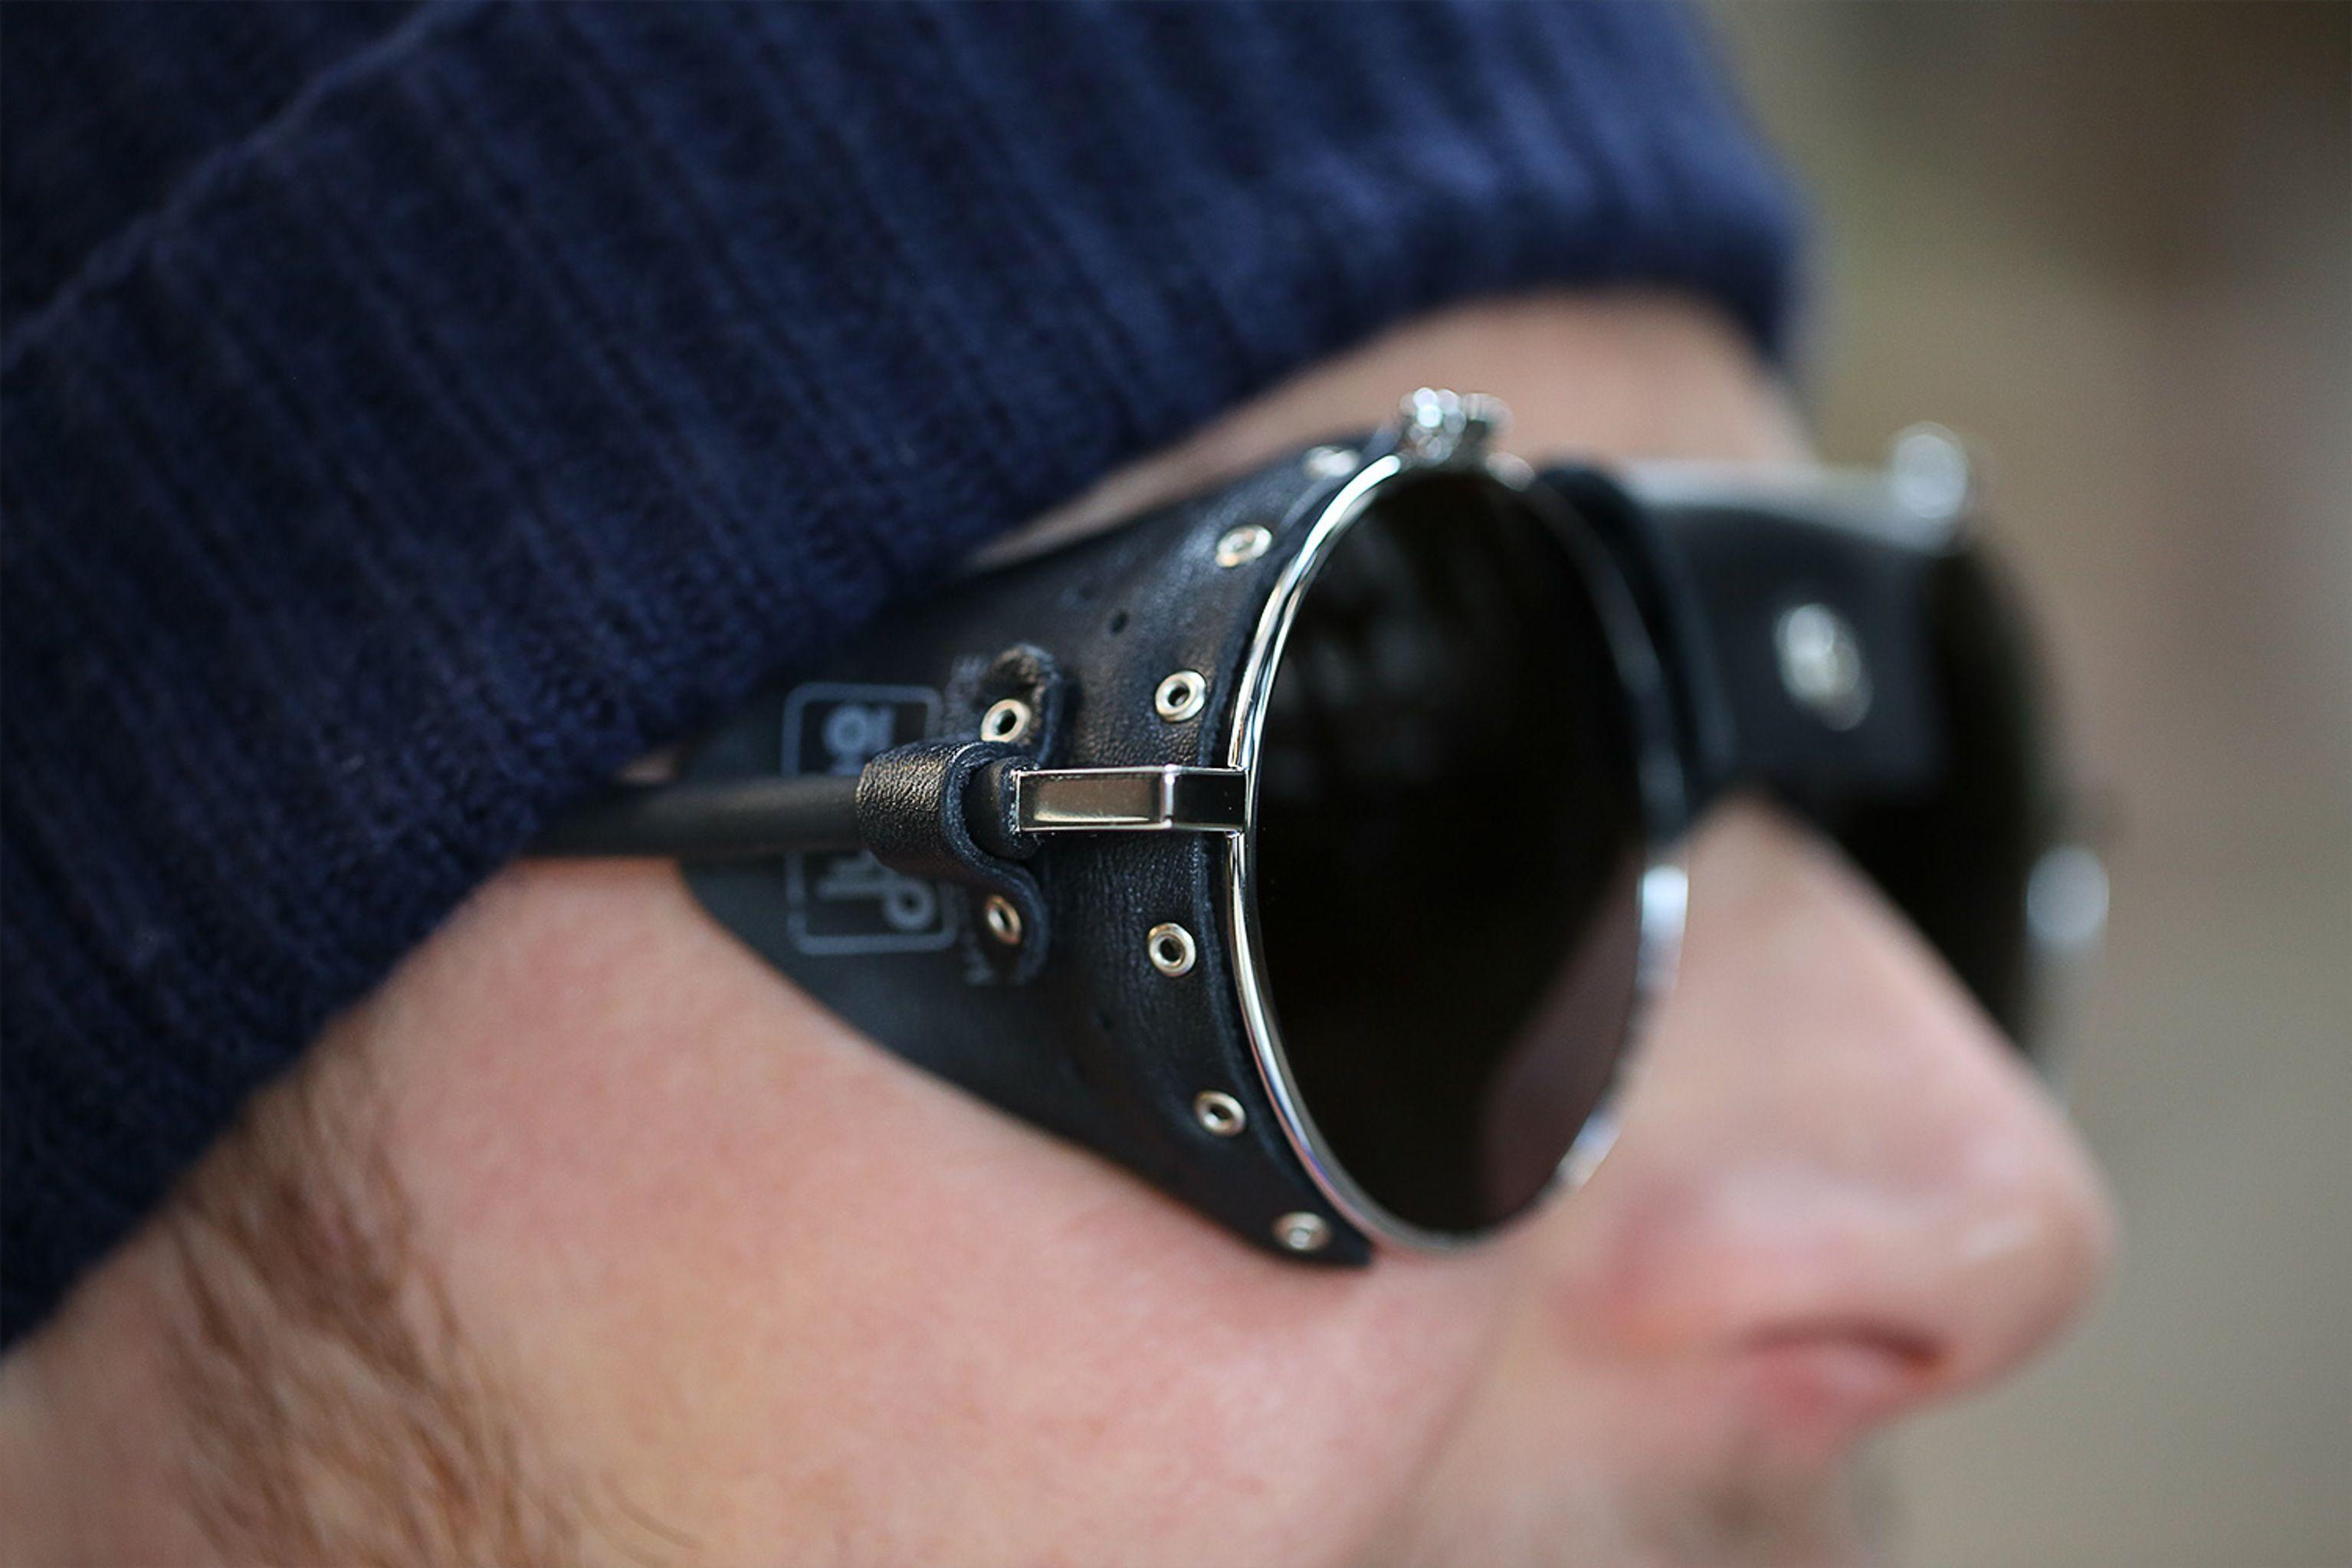 e63ad6528e Julbo Vermont Classic Sunglasses | Men's style in 2019 | Sunglasses ...